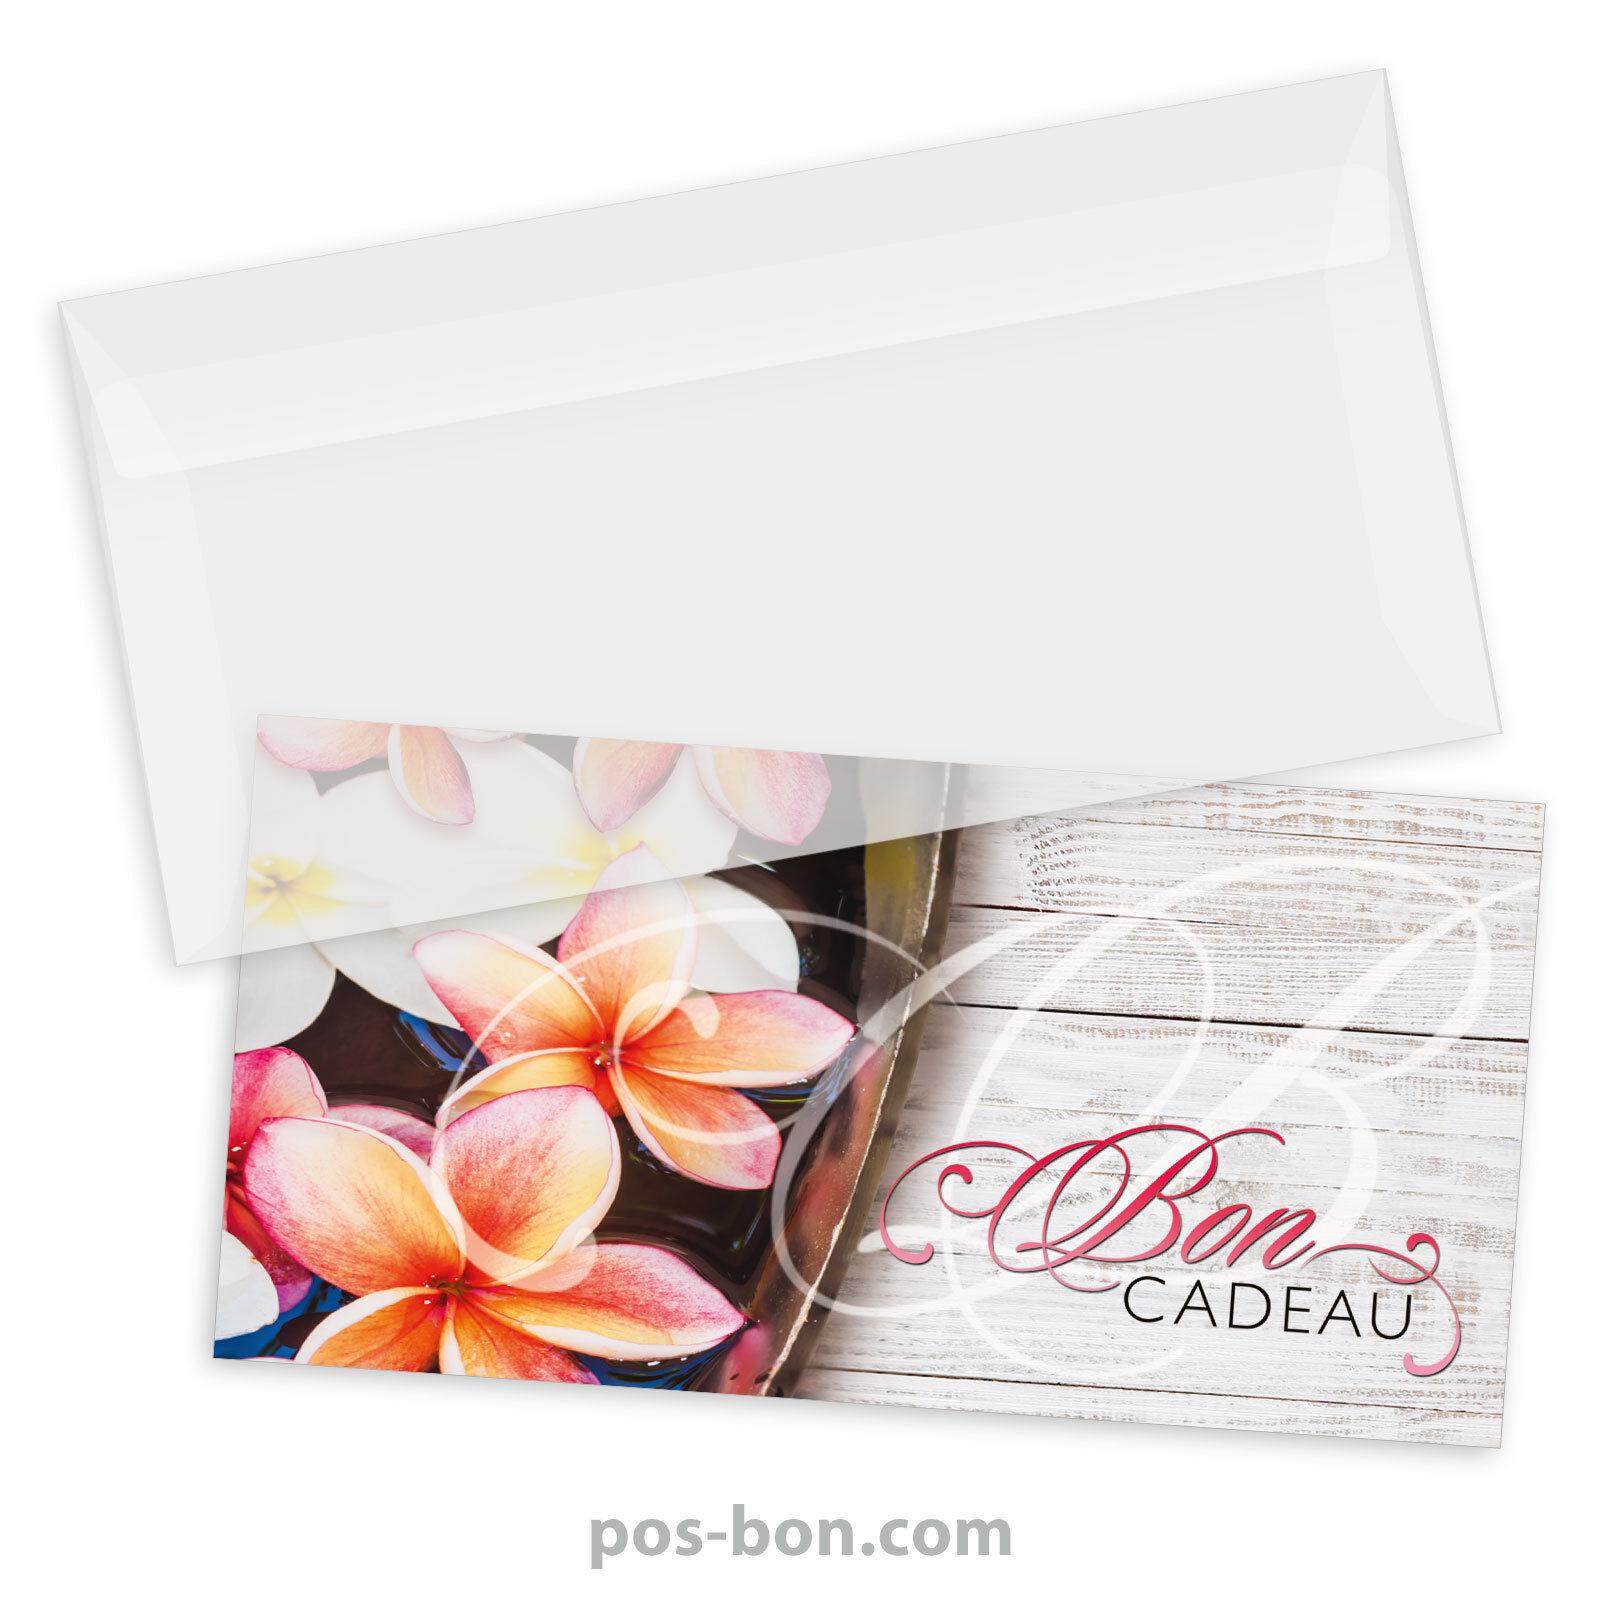 Bons cadeaux  enveloppes pour massage, kinésithérapie, wellness et spa MA9241F | Erste Gruppe von Kunden  | Schenken Sie Ihrem Kind eine glückliche Kindheit